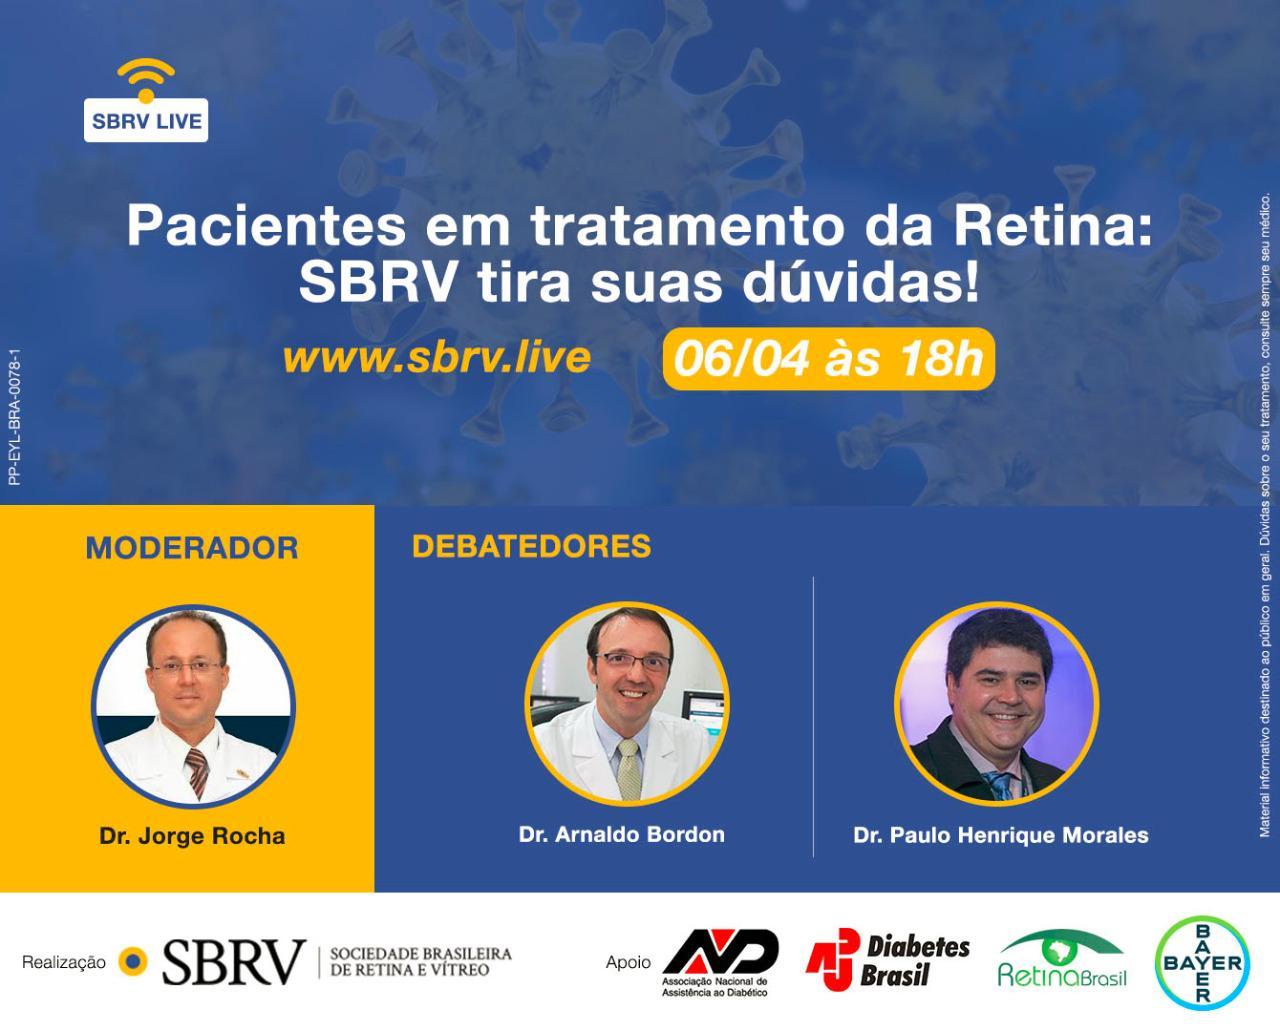 Pacientes em Tratamento da Retina: SBRV Tira suas Dúvidas